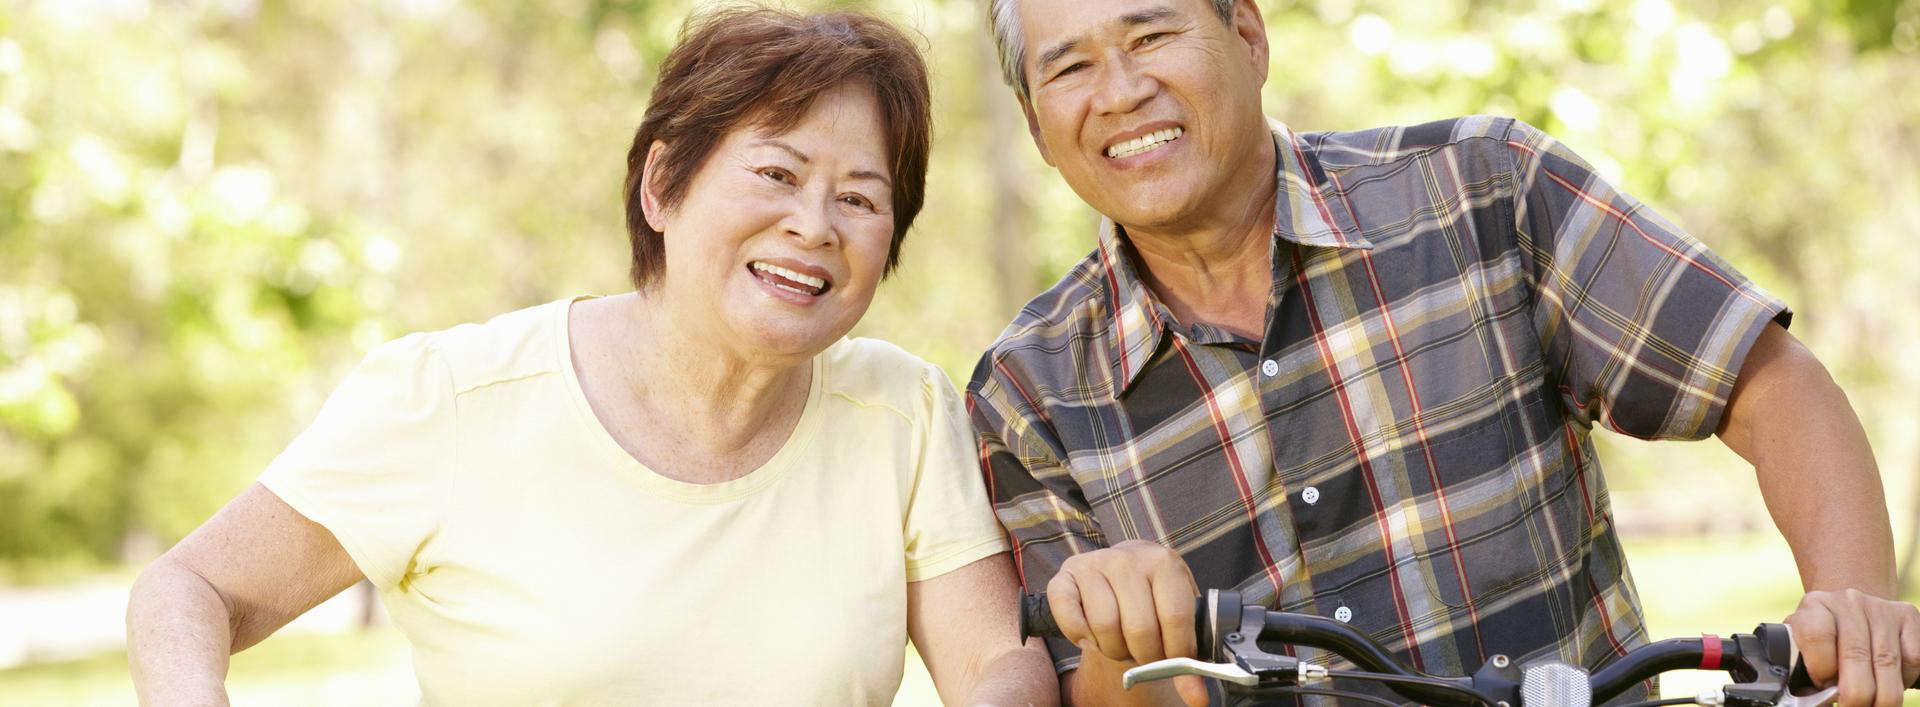 退休別只玩股票 培養「能進步」的興趣才有彩色生活